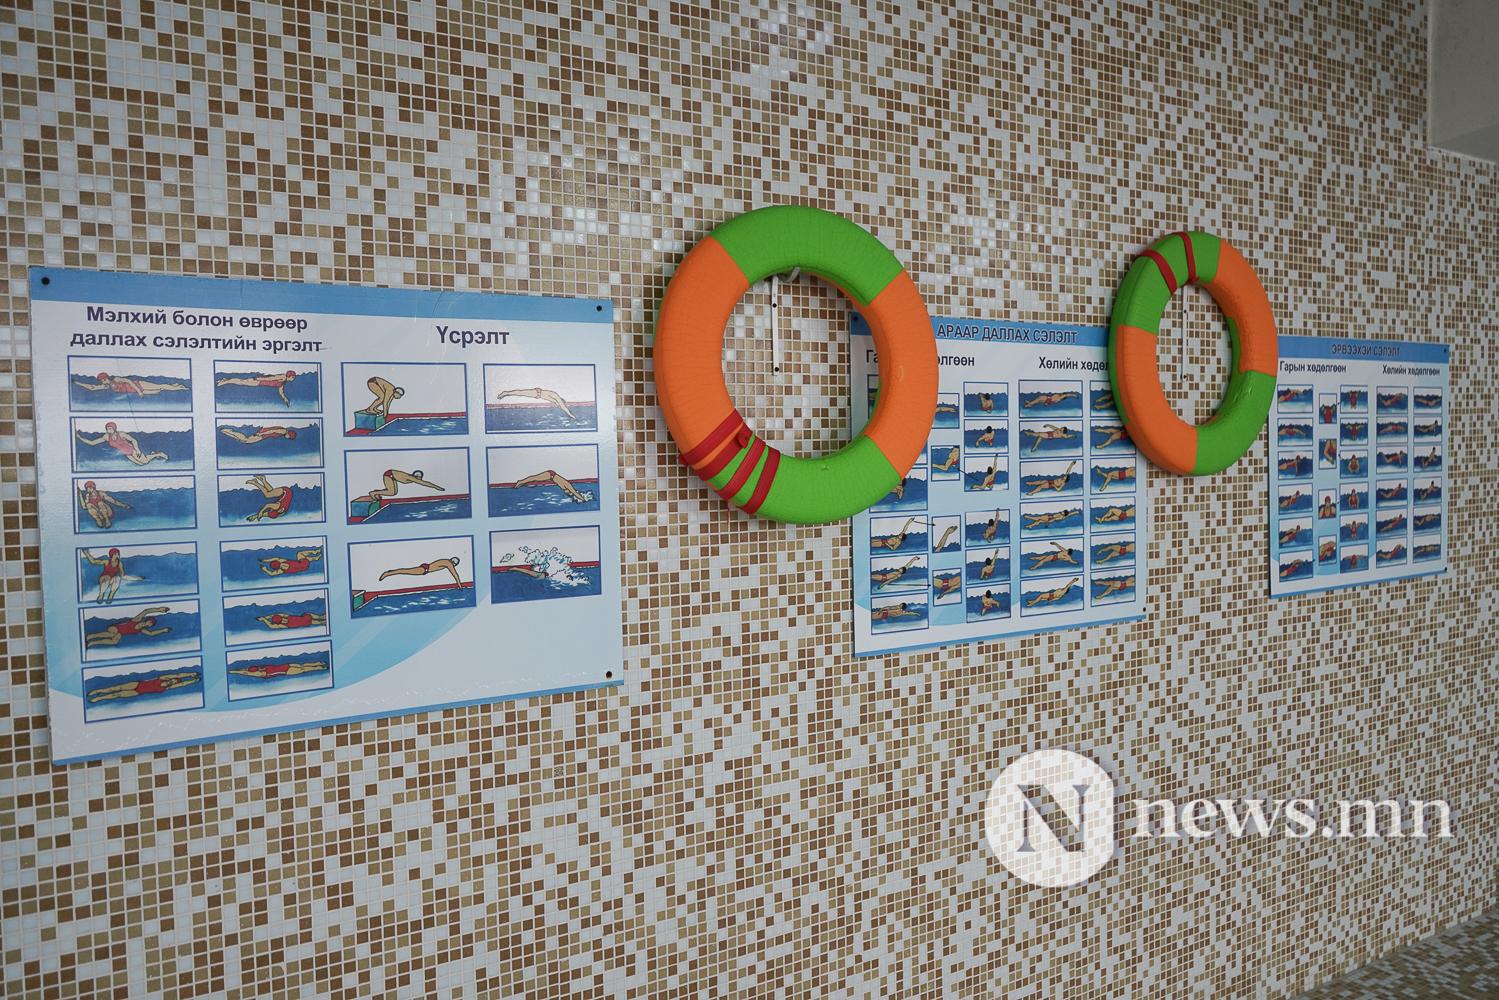 Усан спорт сургалтын төвүүд (4 of 20)